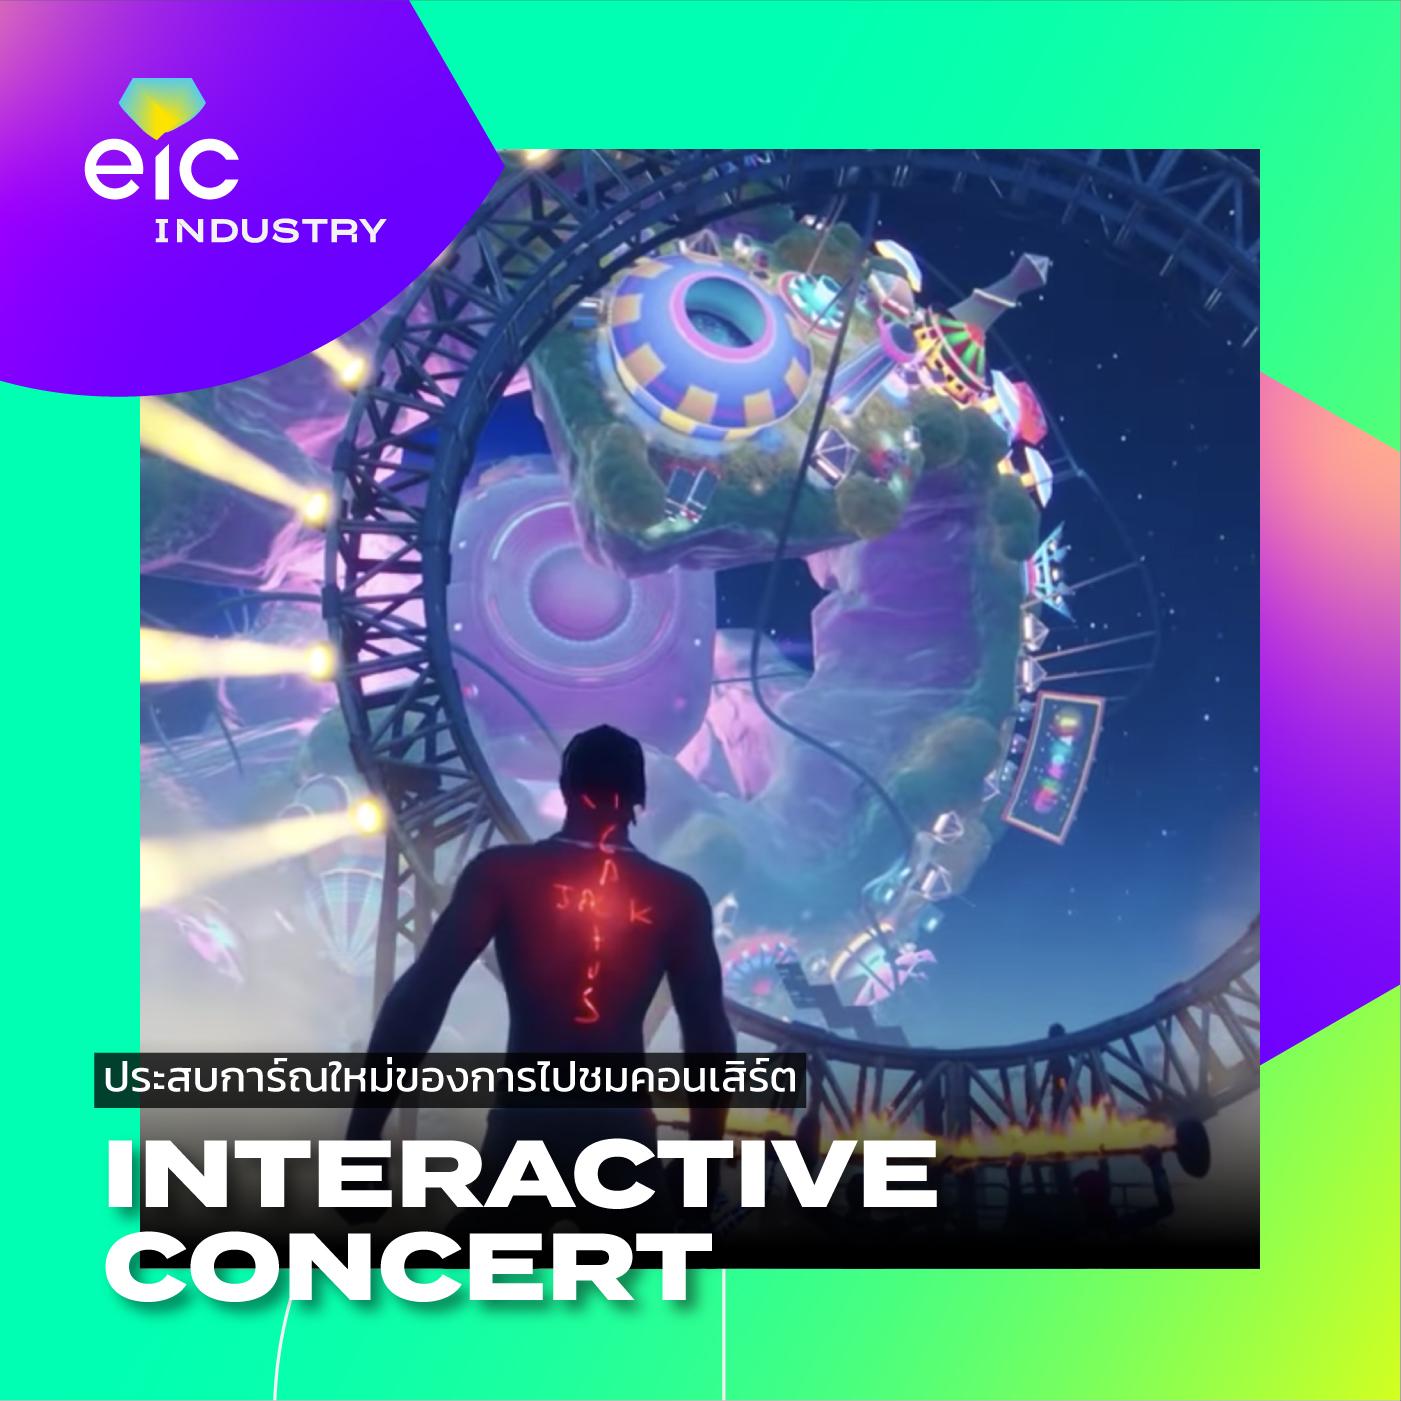 ประสบการณ์ใหม่ของการไปชม Virtual Concert